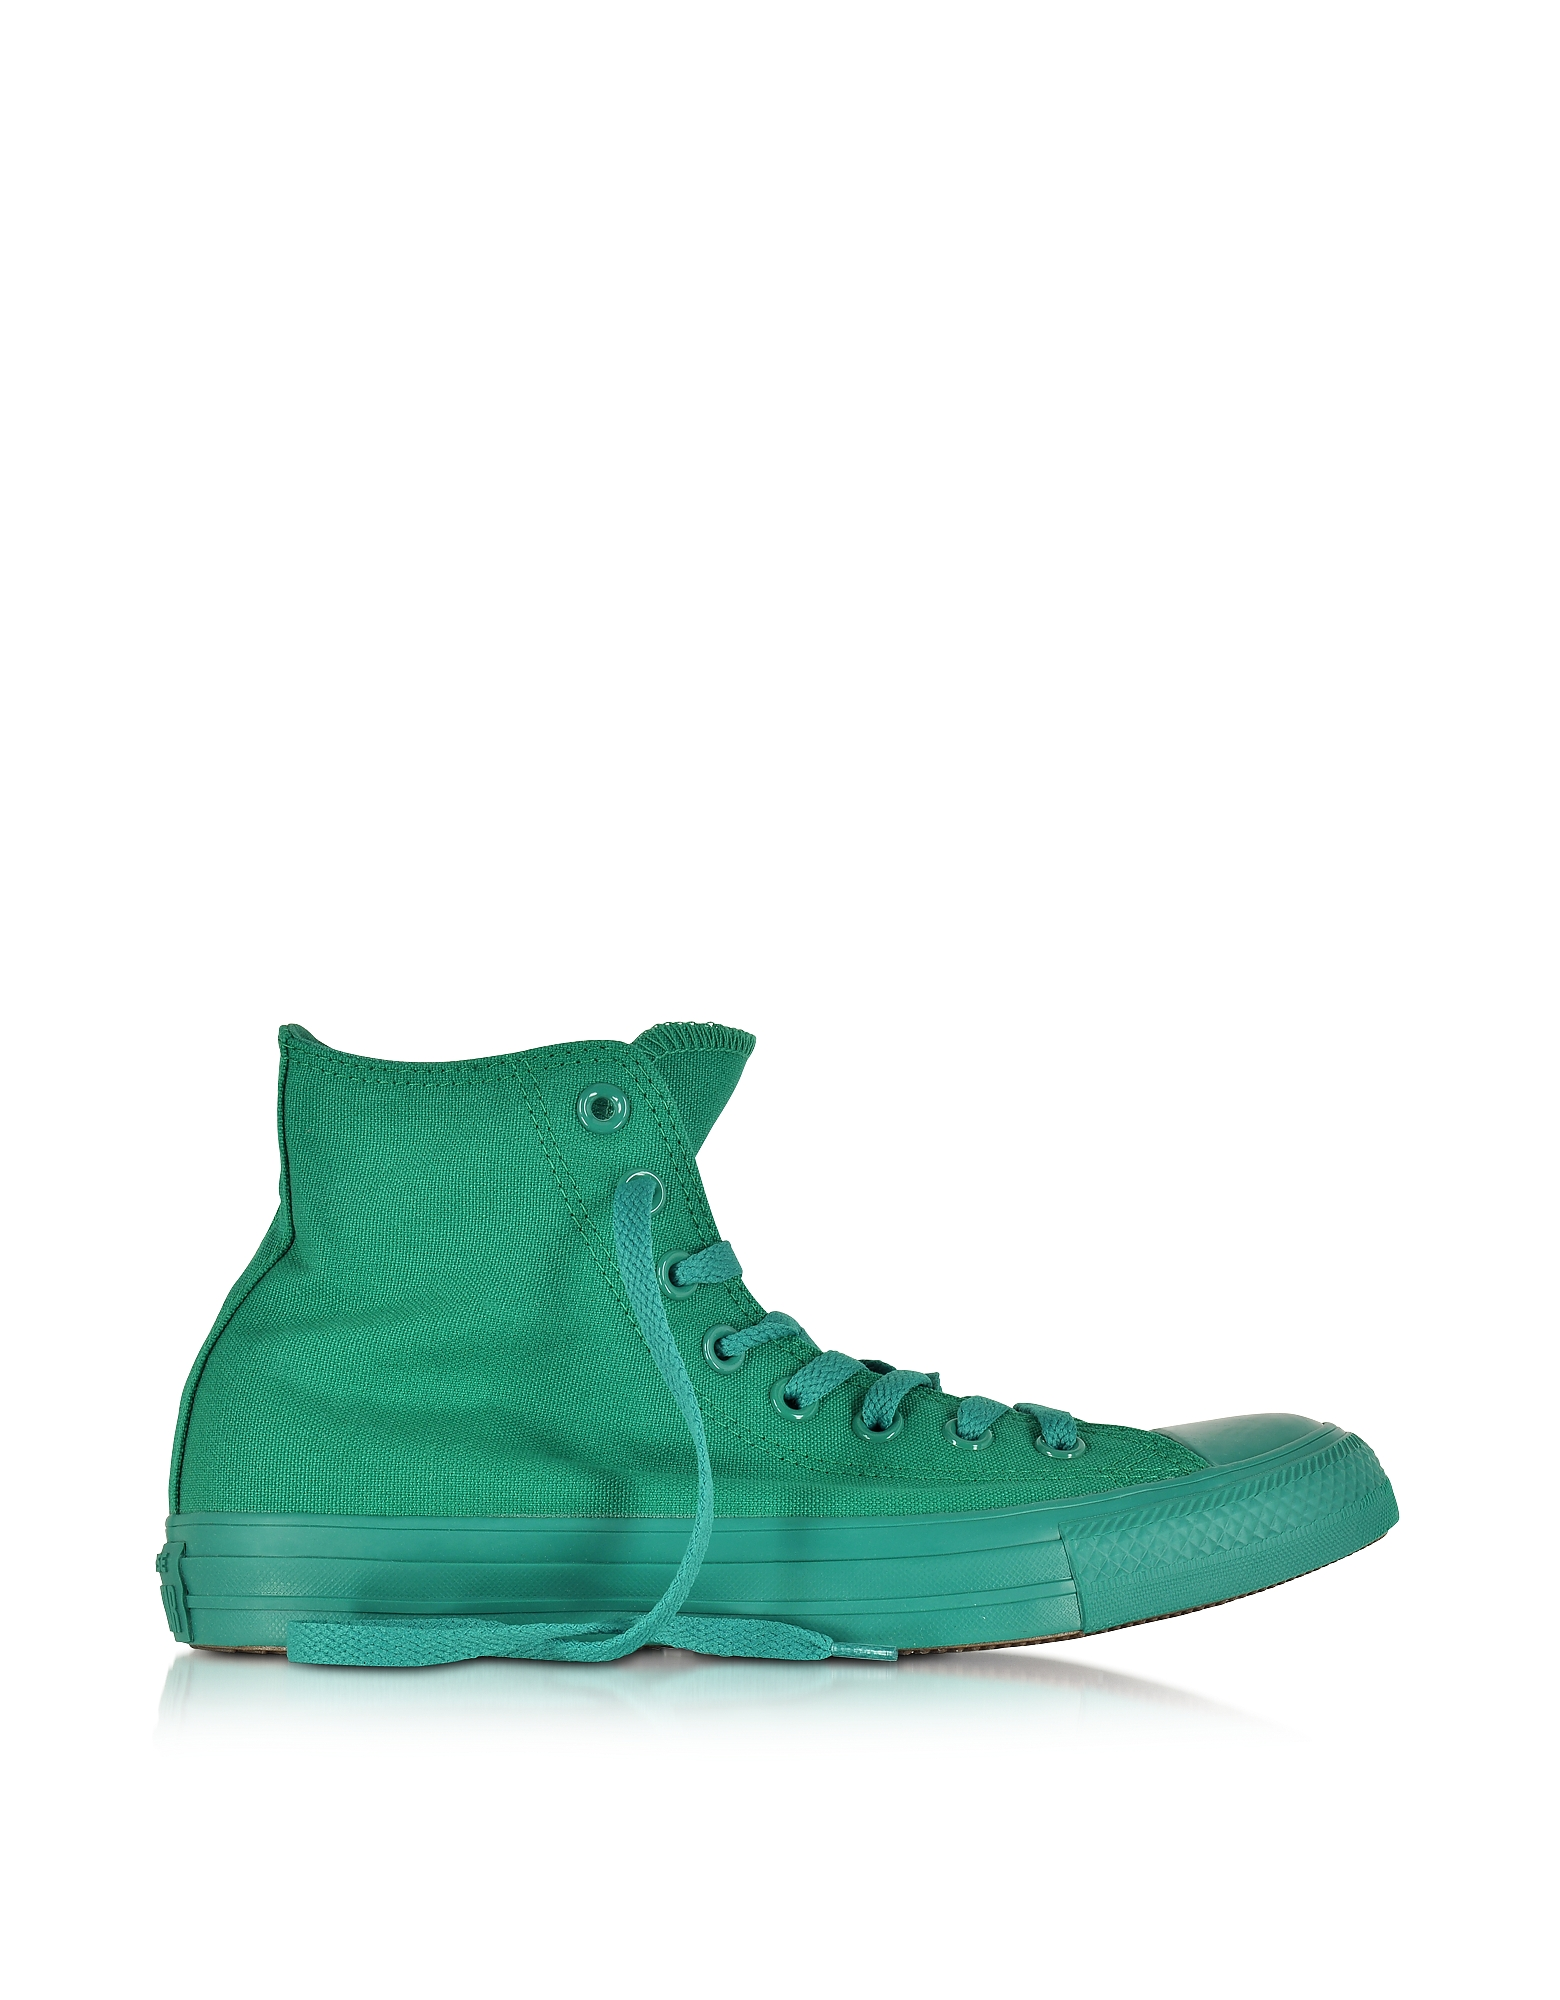 All Star Hi - Зеленые Монохромные Кроссовки из Ткани Bosphorous